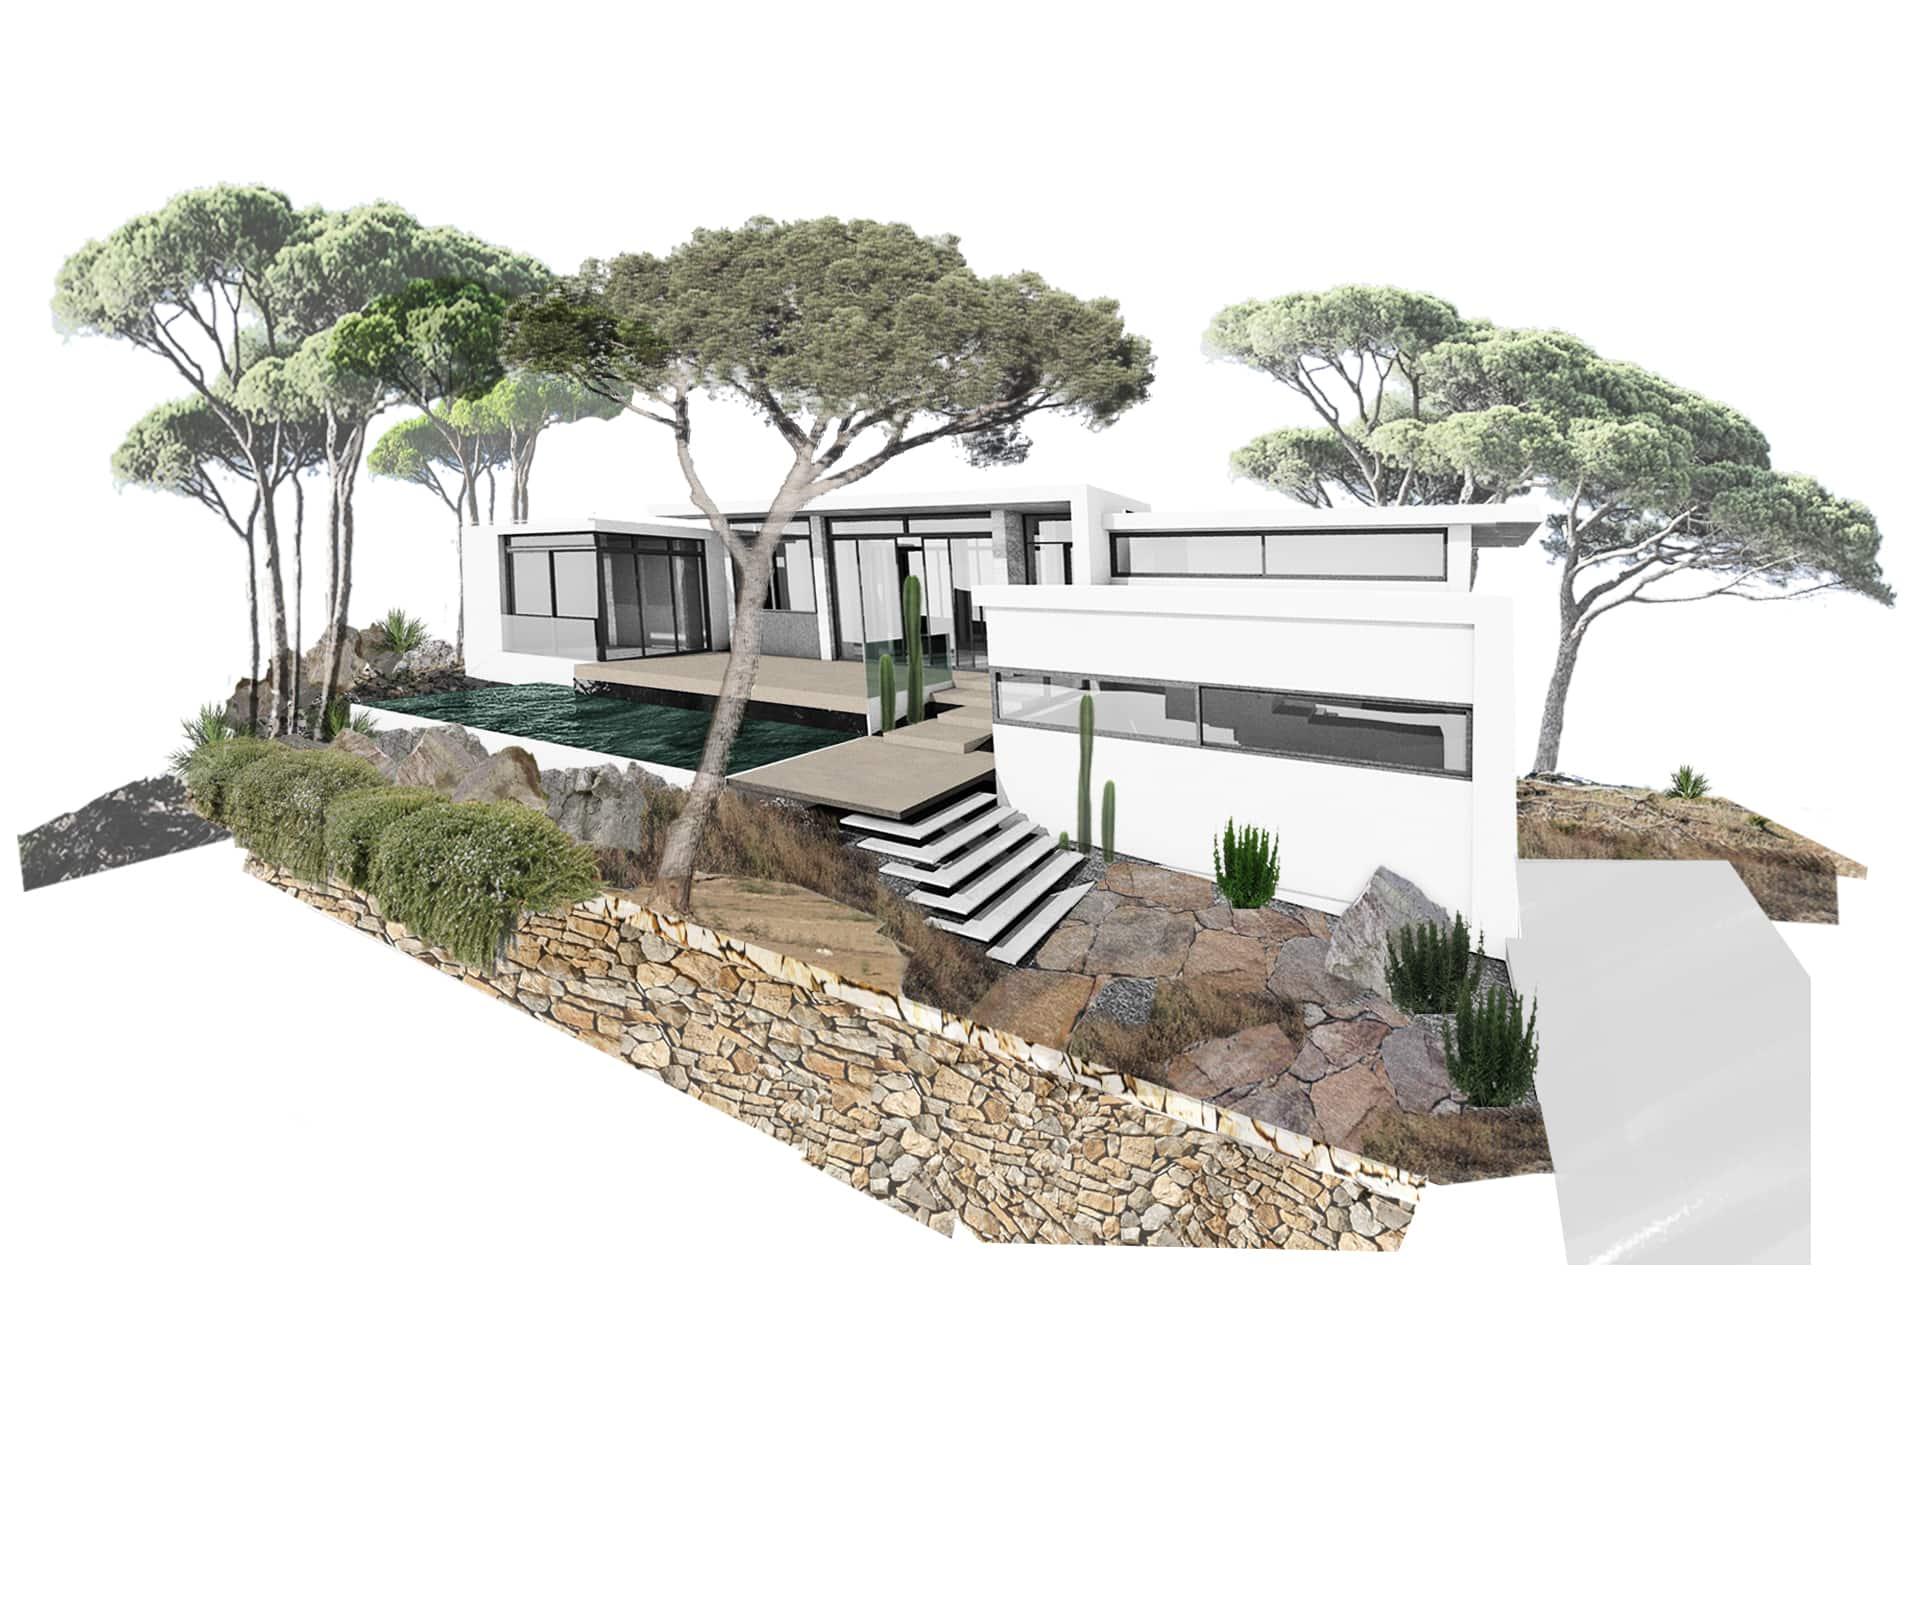 La arquitectura sostenible pretende reducir el impacto de los edificios en el medio ambiente.